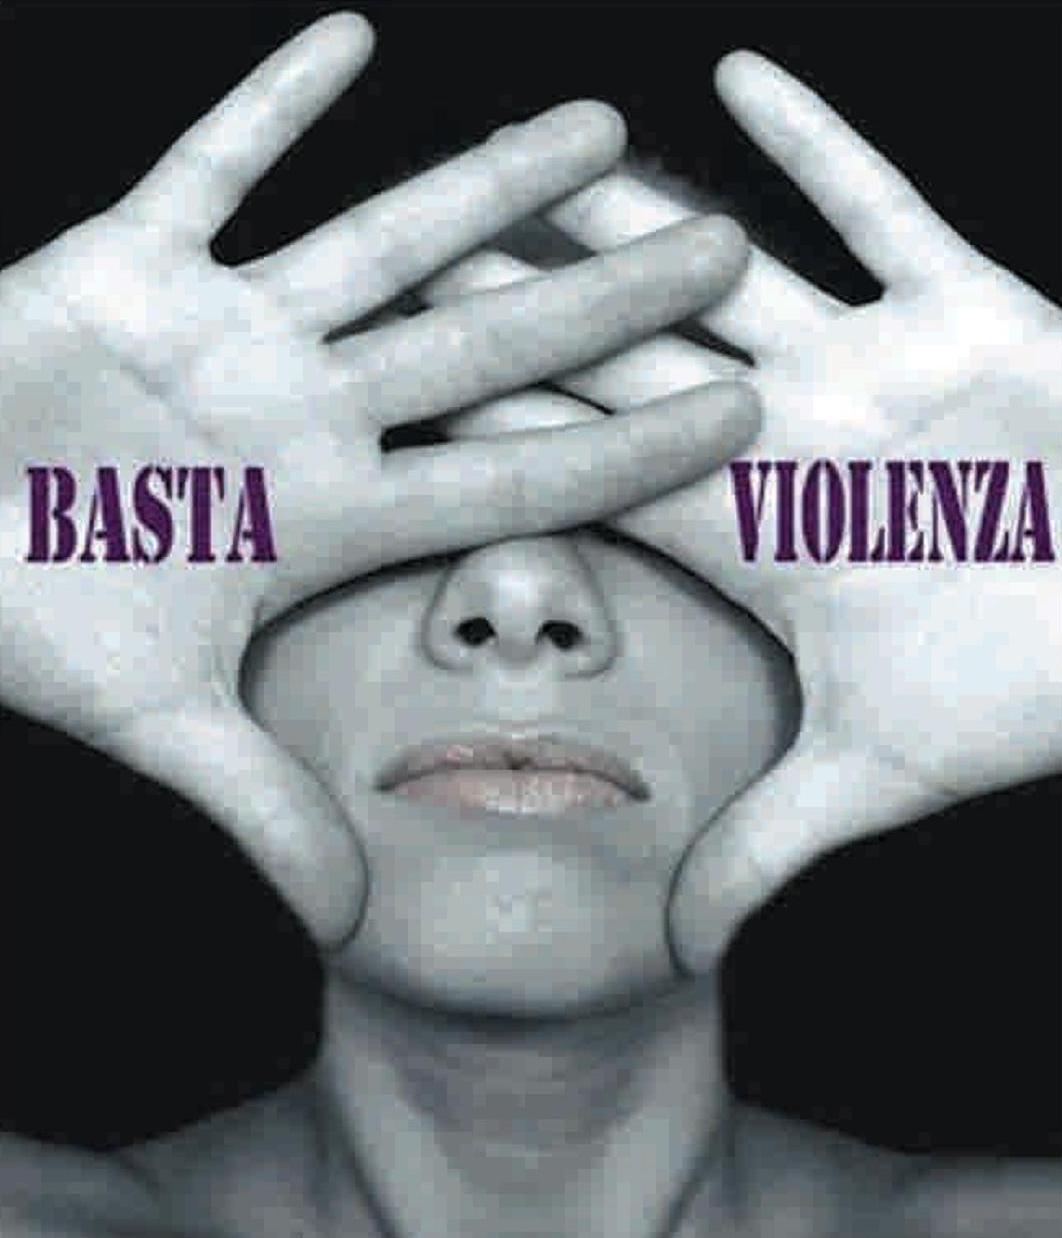 basta violenza